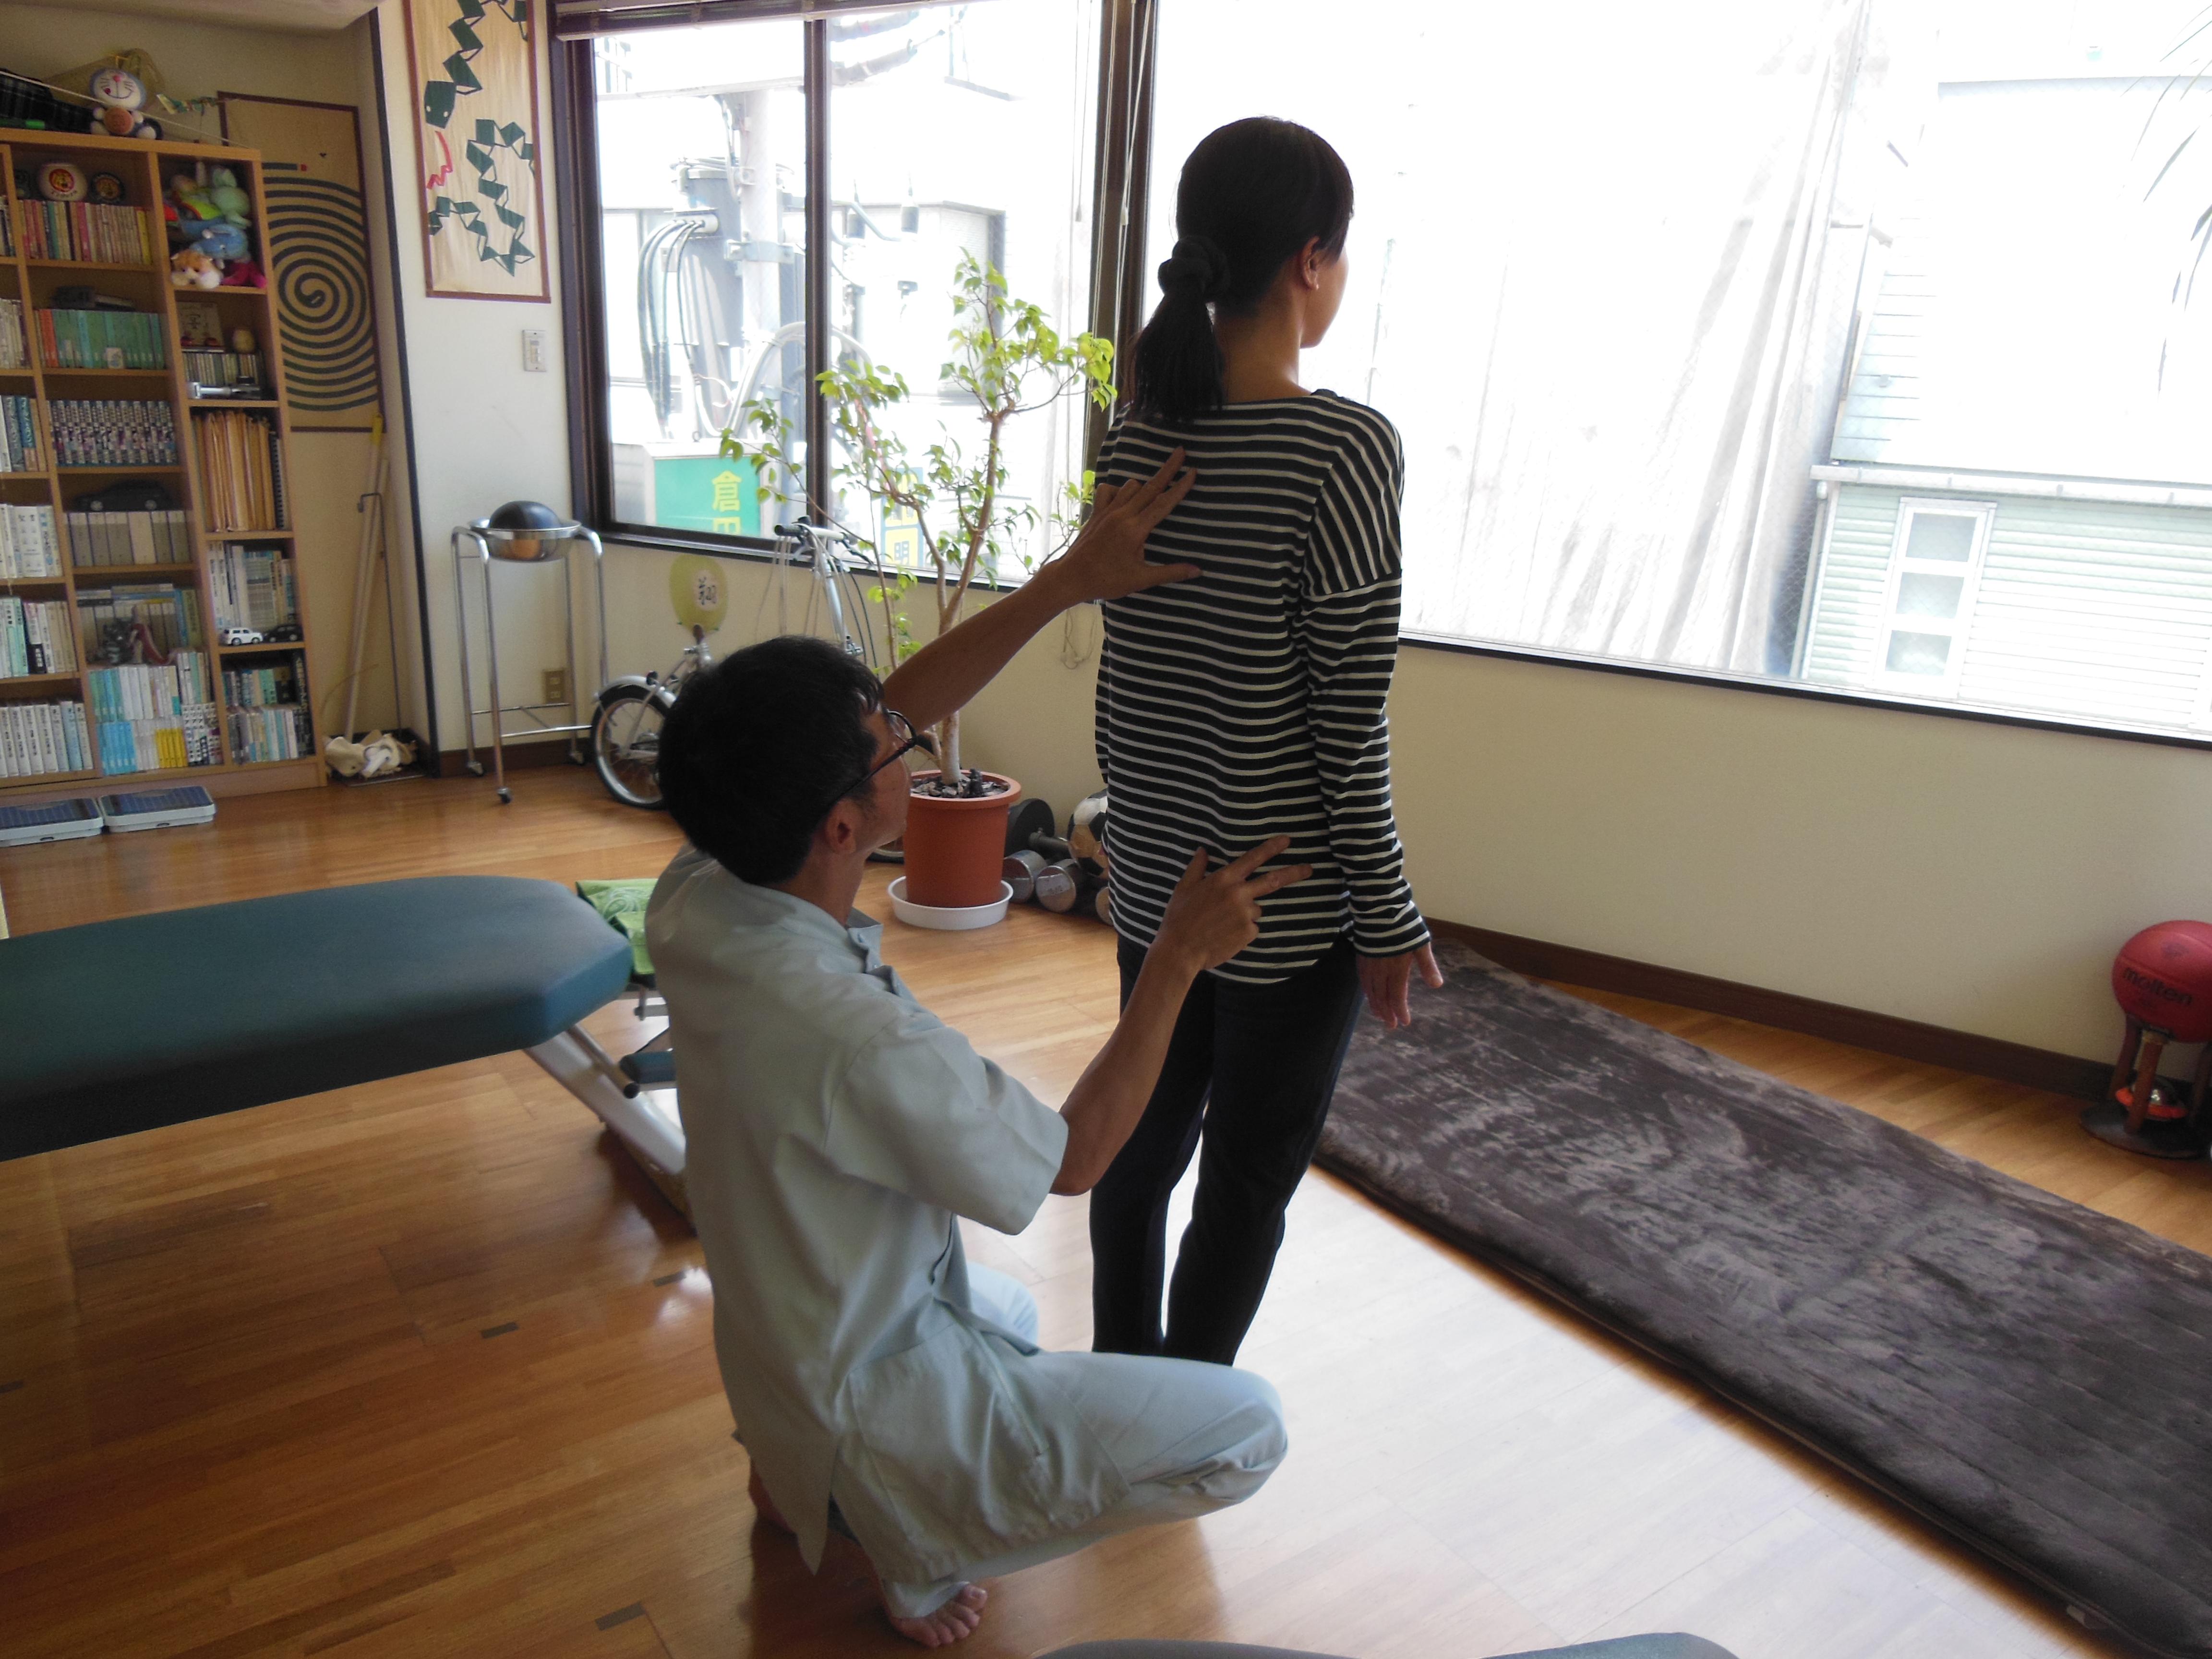 立位で【骨盤】&【背骨】をチェックして、症状の原因を調べていきます。